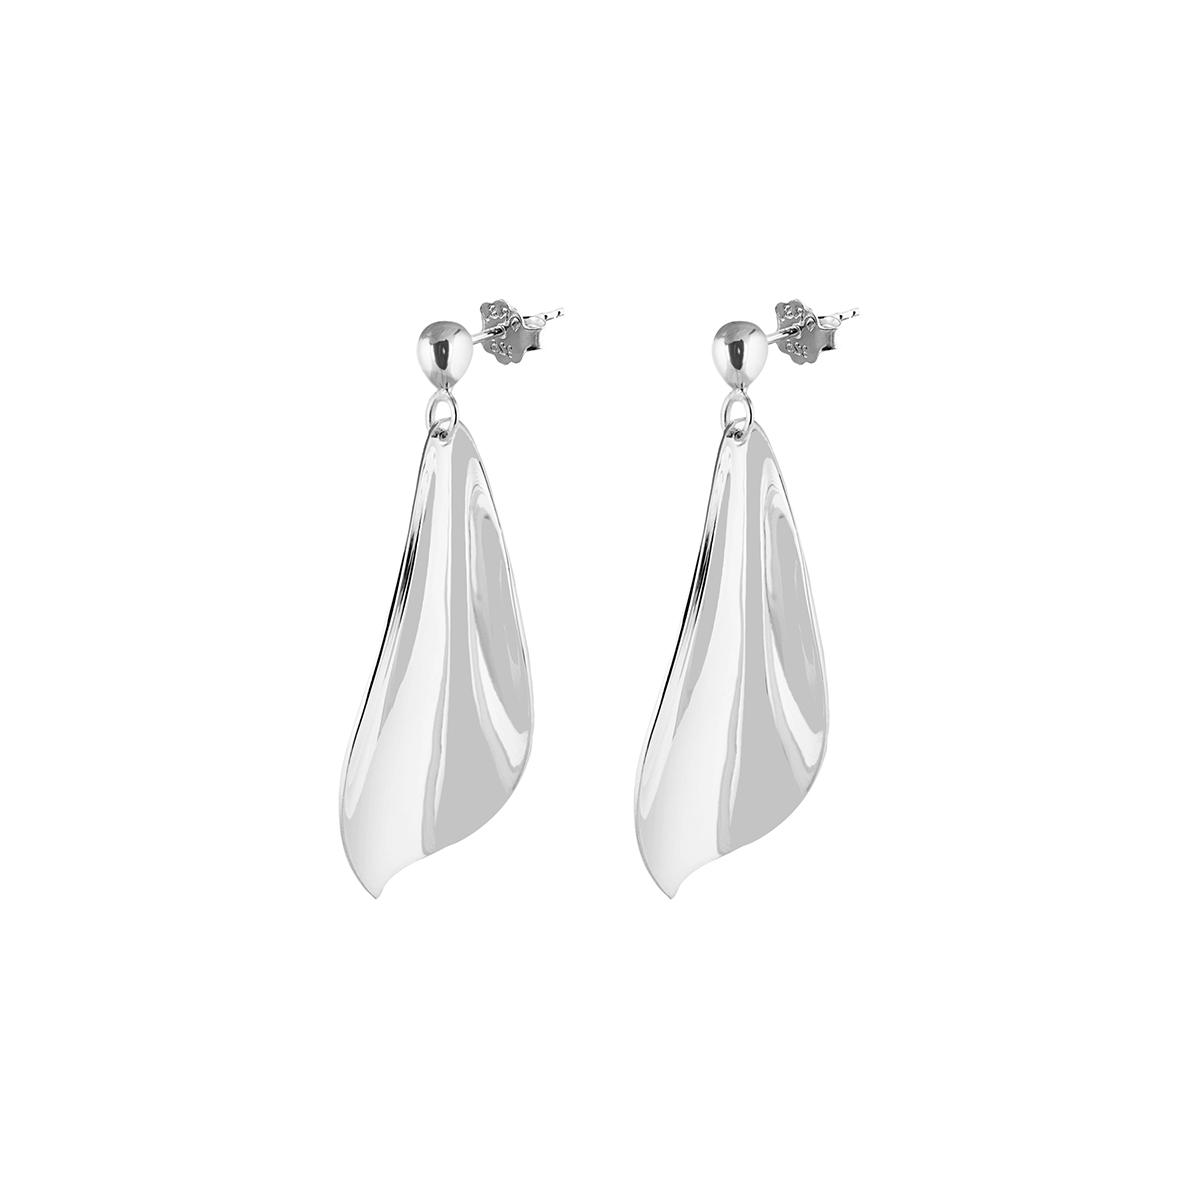 Drakenberg_Sjolin_Gardenia-earrings